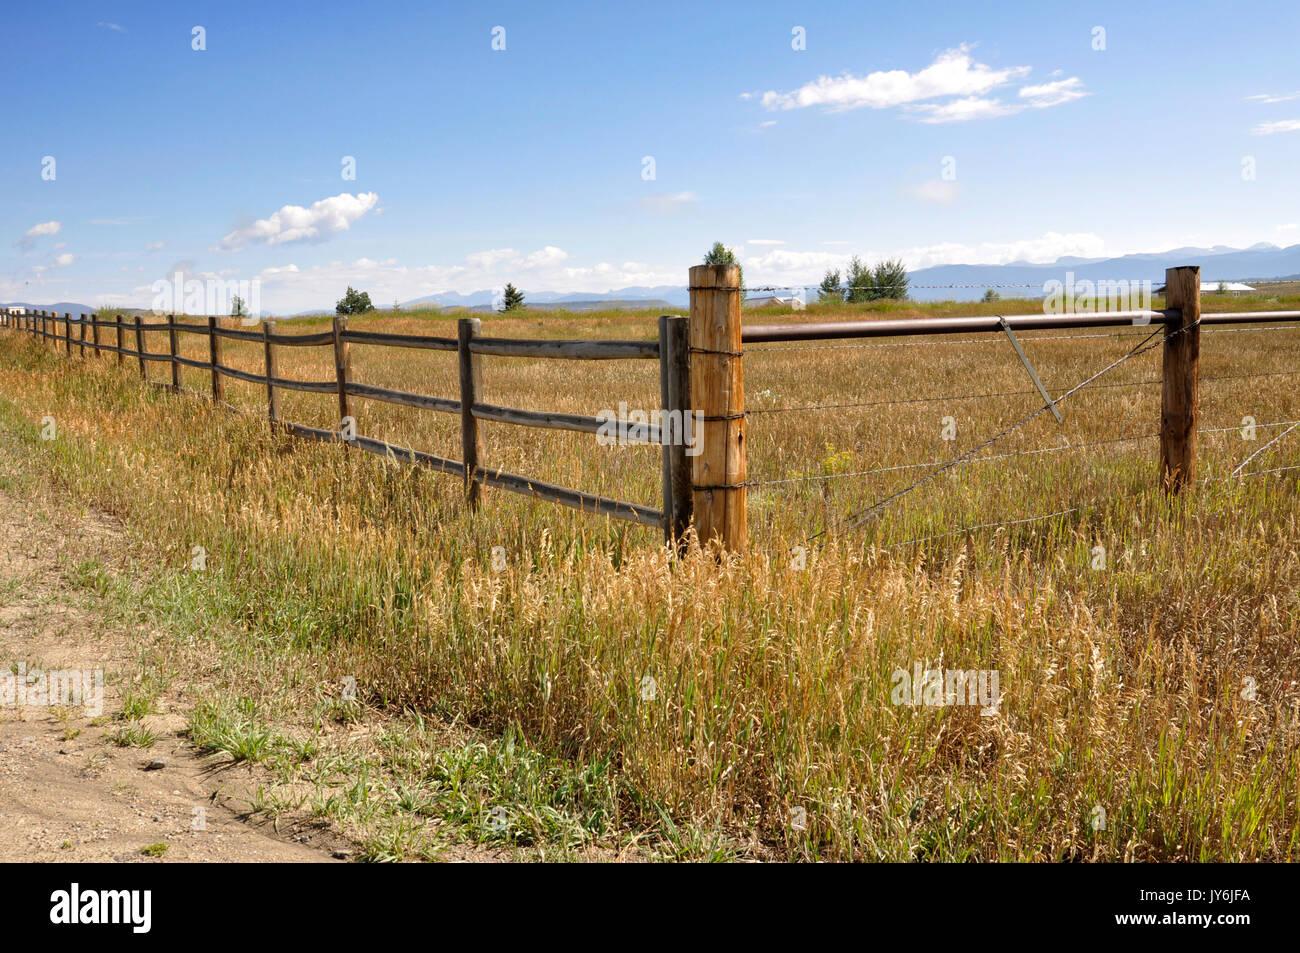 Holz und Draht Zaun von einer Wiese in Colorado. Die Rocky Mountains sind im Hintergrund, Stockbild